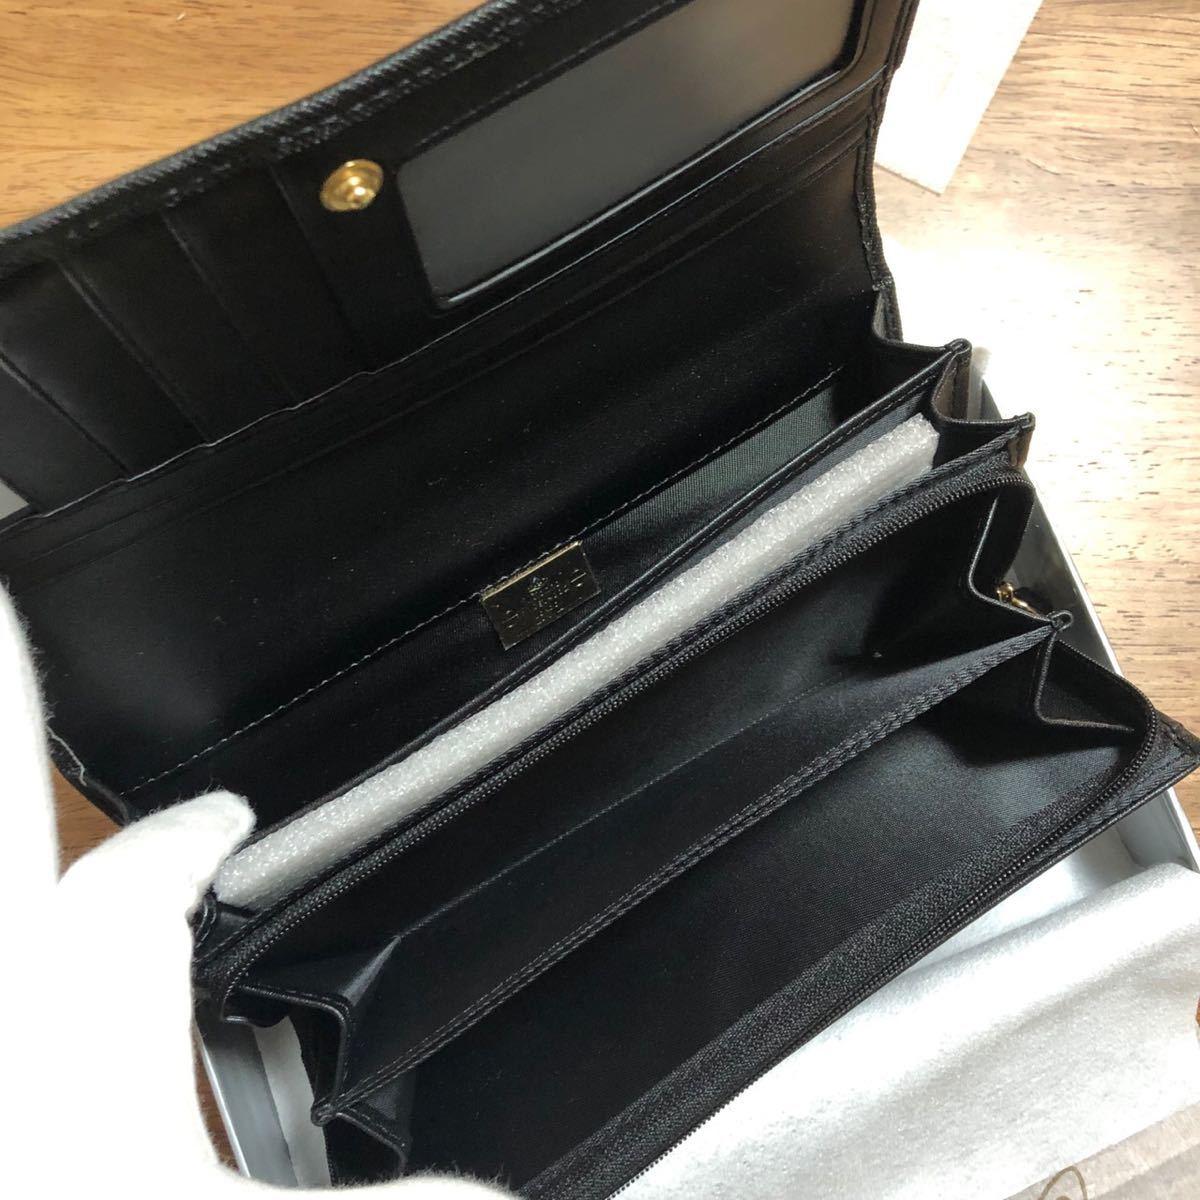 長財布 ヴィヴィアンウエストウッド Vivienne Westwood 黒 レディース財布 新品未使用品